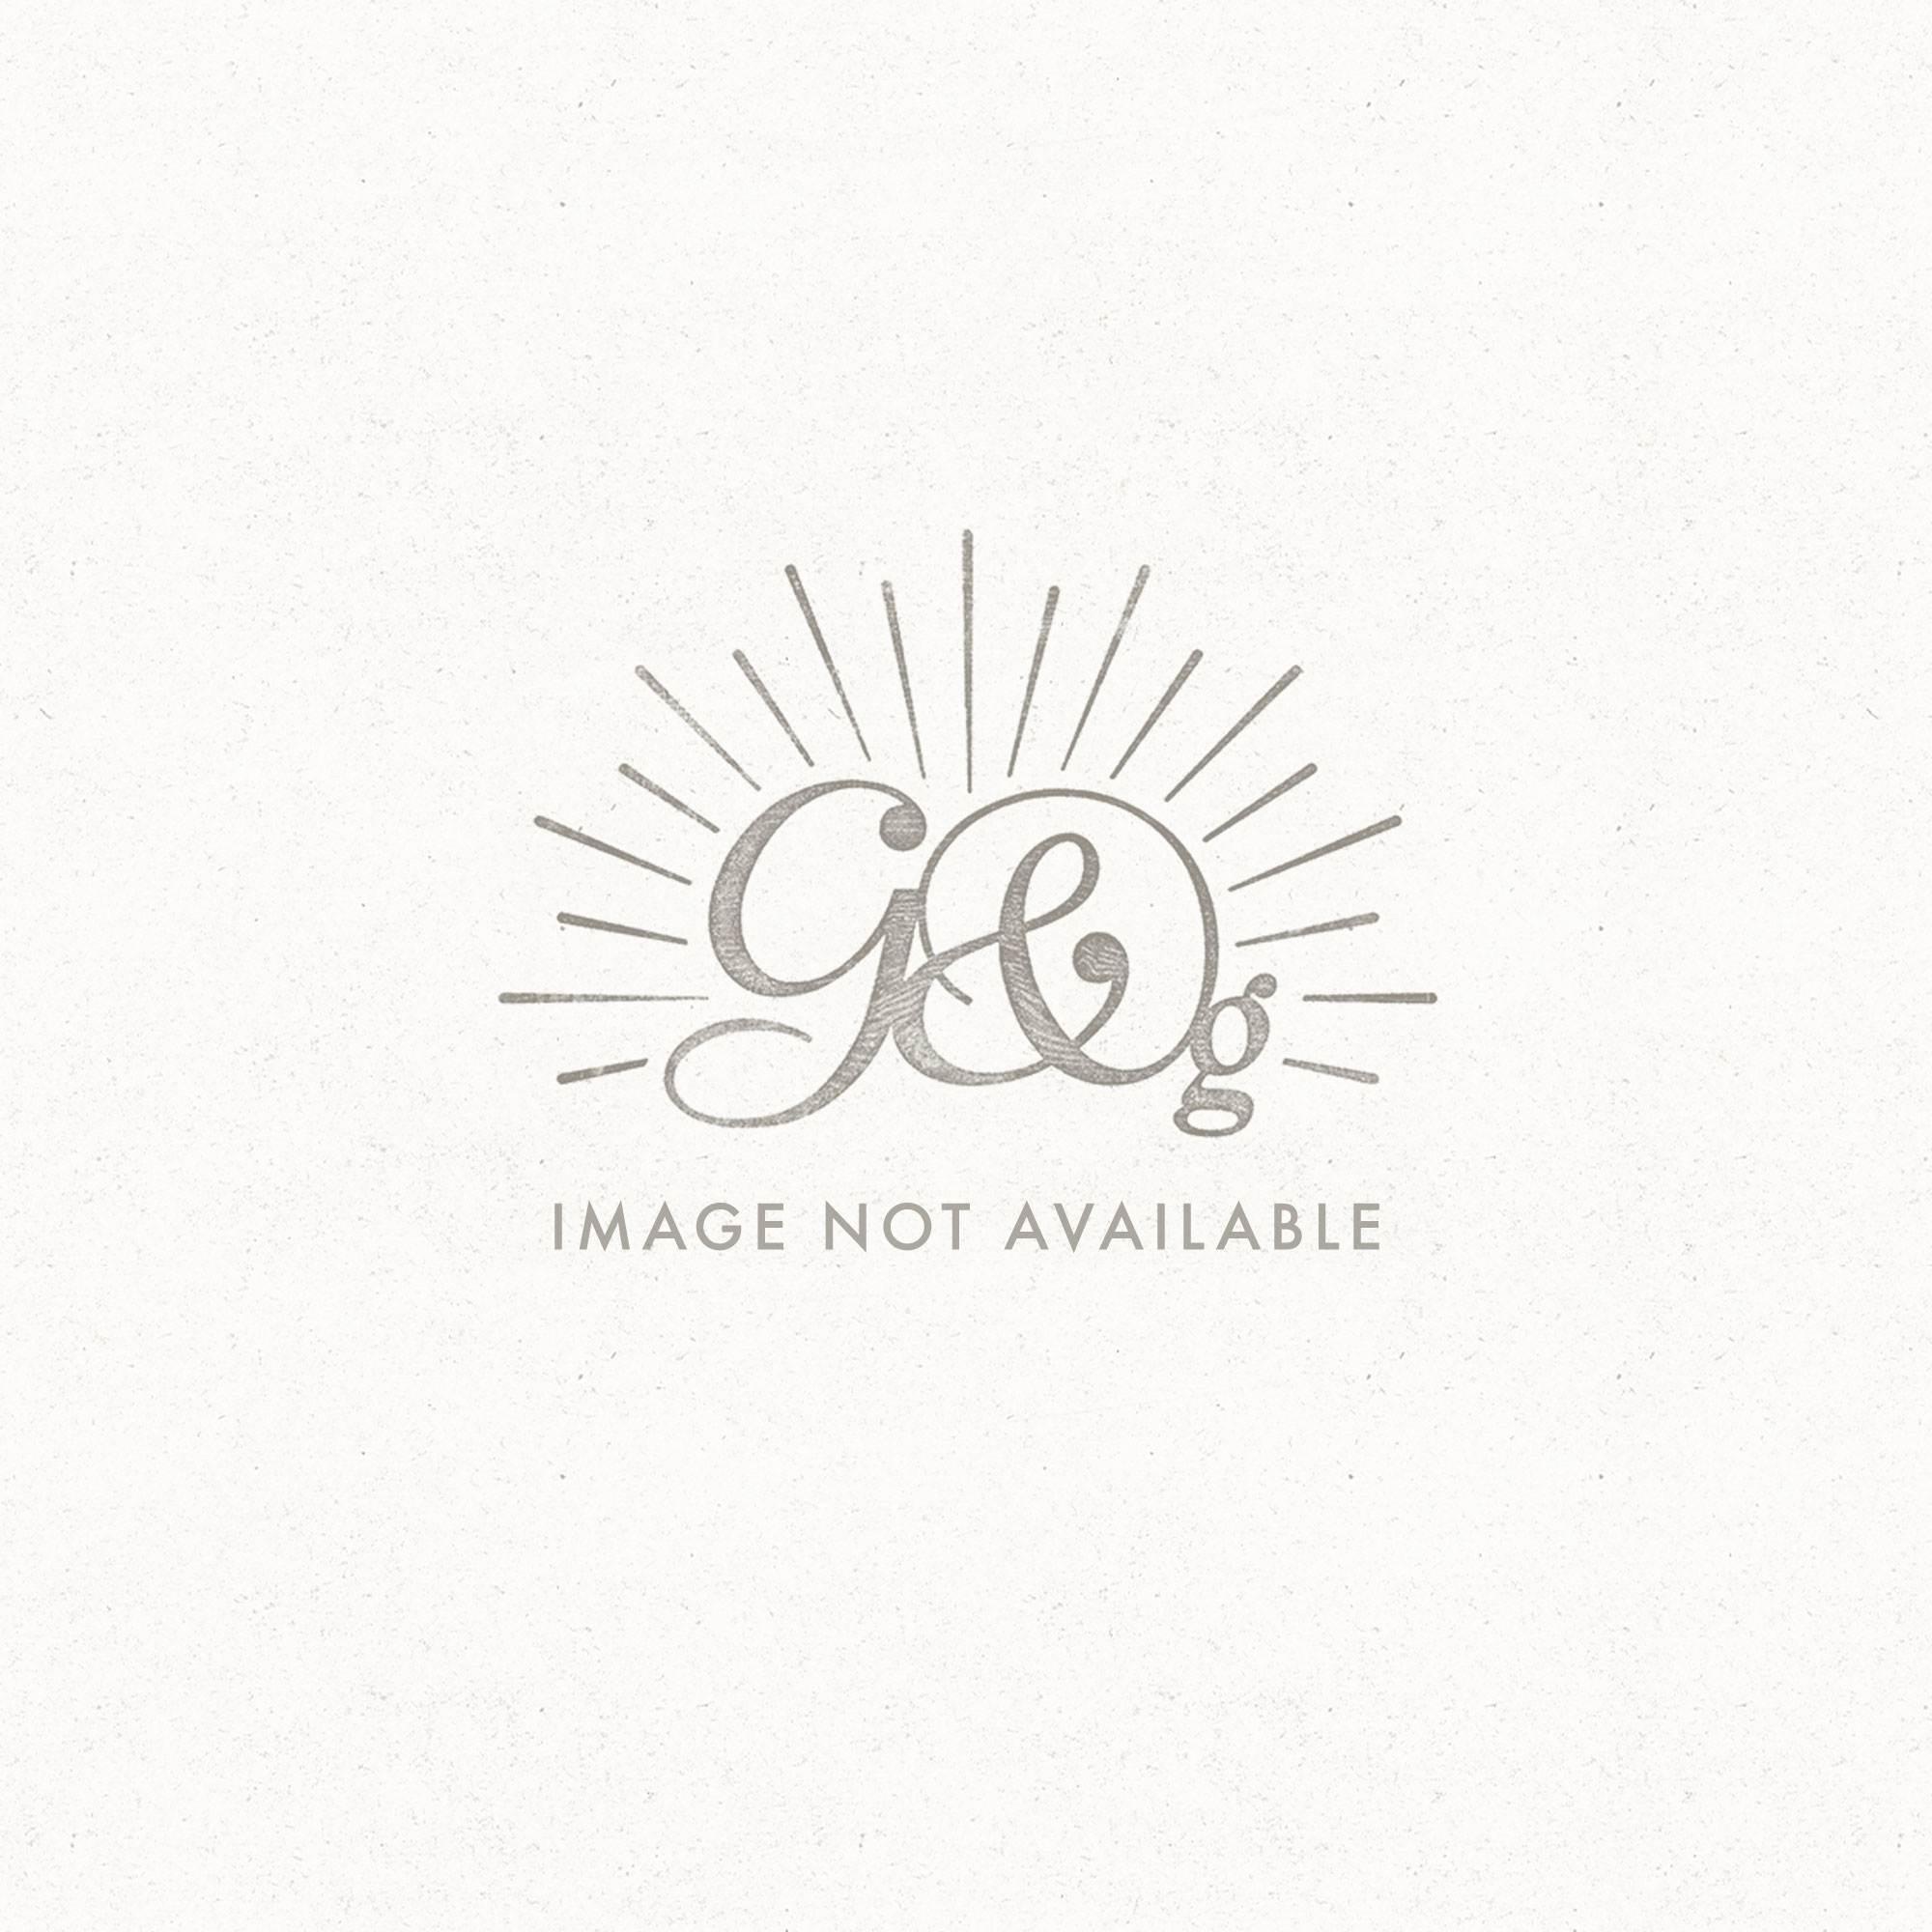 Rabbit Door Knob | Gifts | Graham & Green